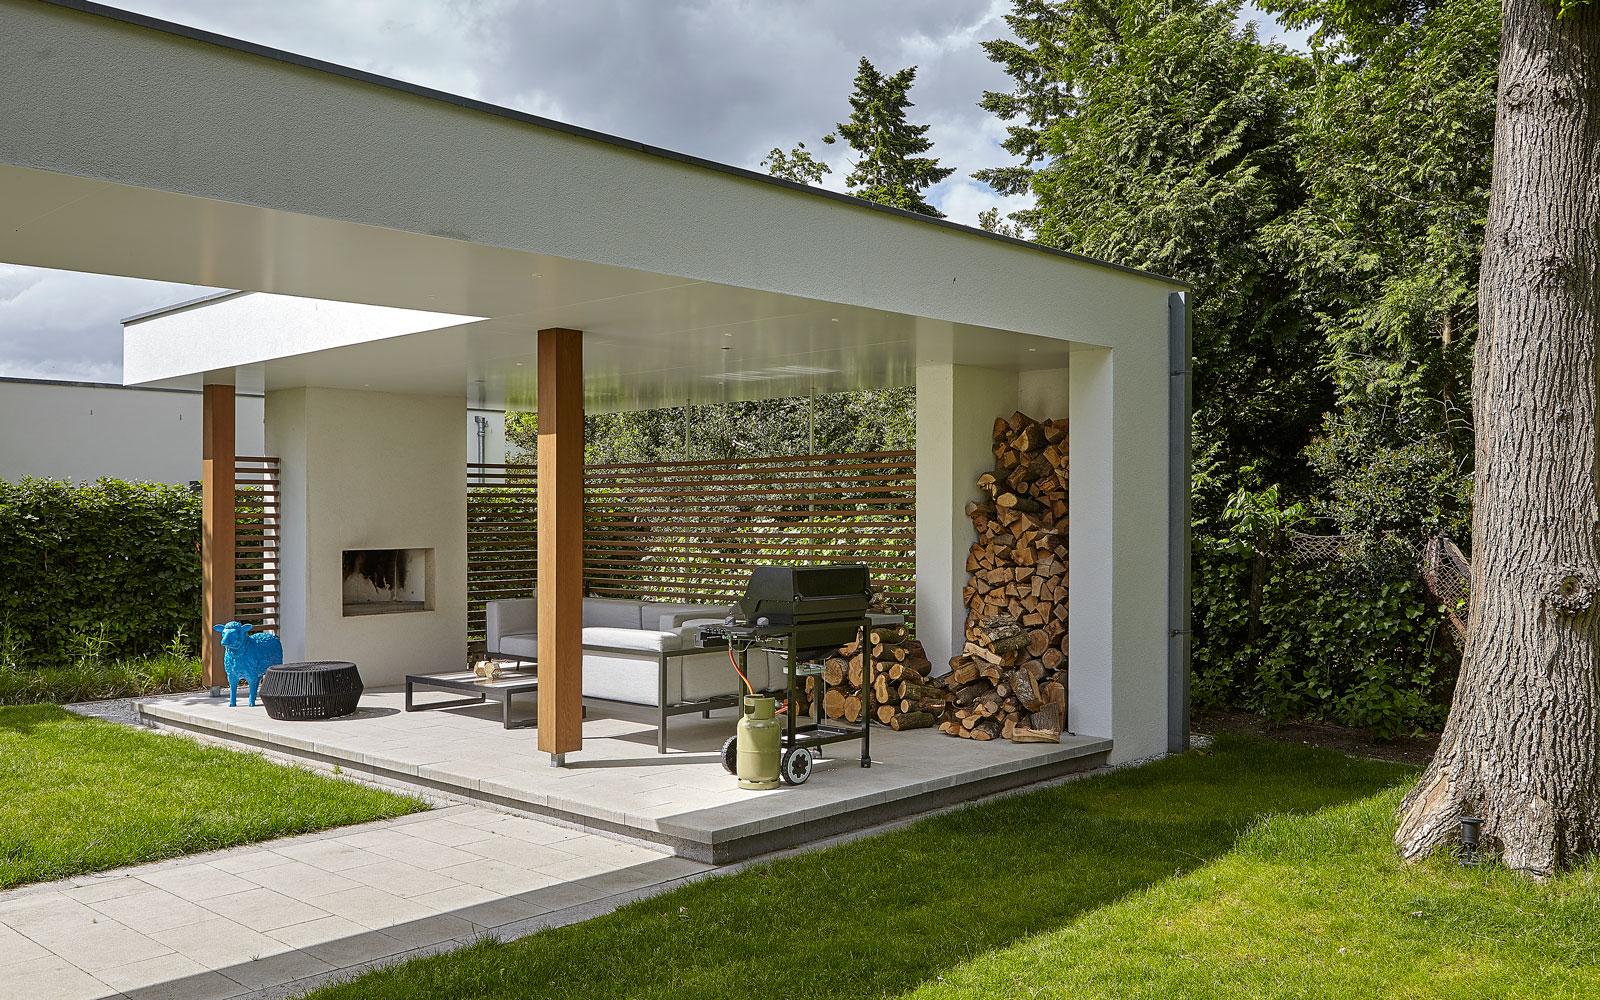 Tuin, tuinhuis, barbecue, haard, tijdloos, minimalistisch, Marco van Veldhuizen